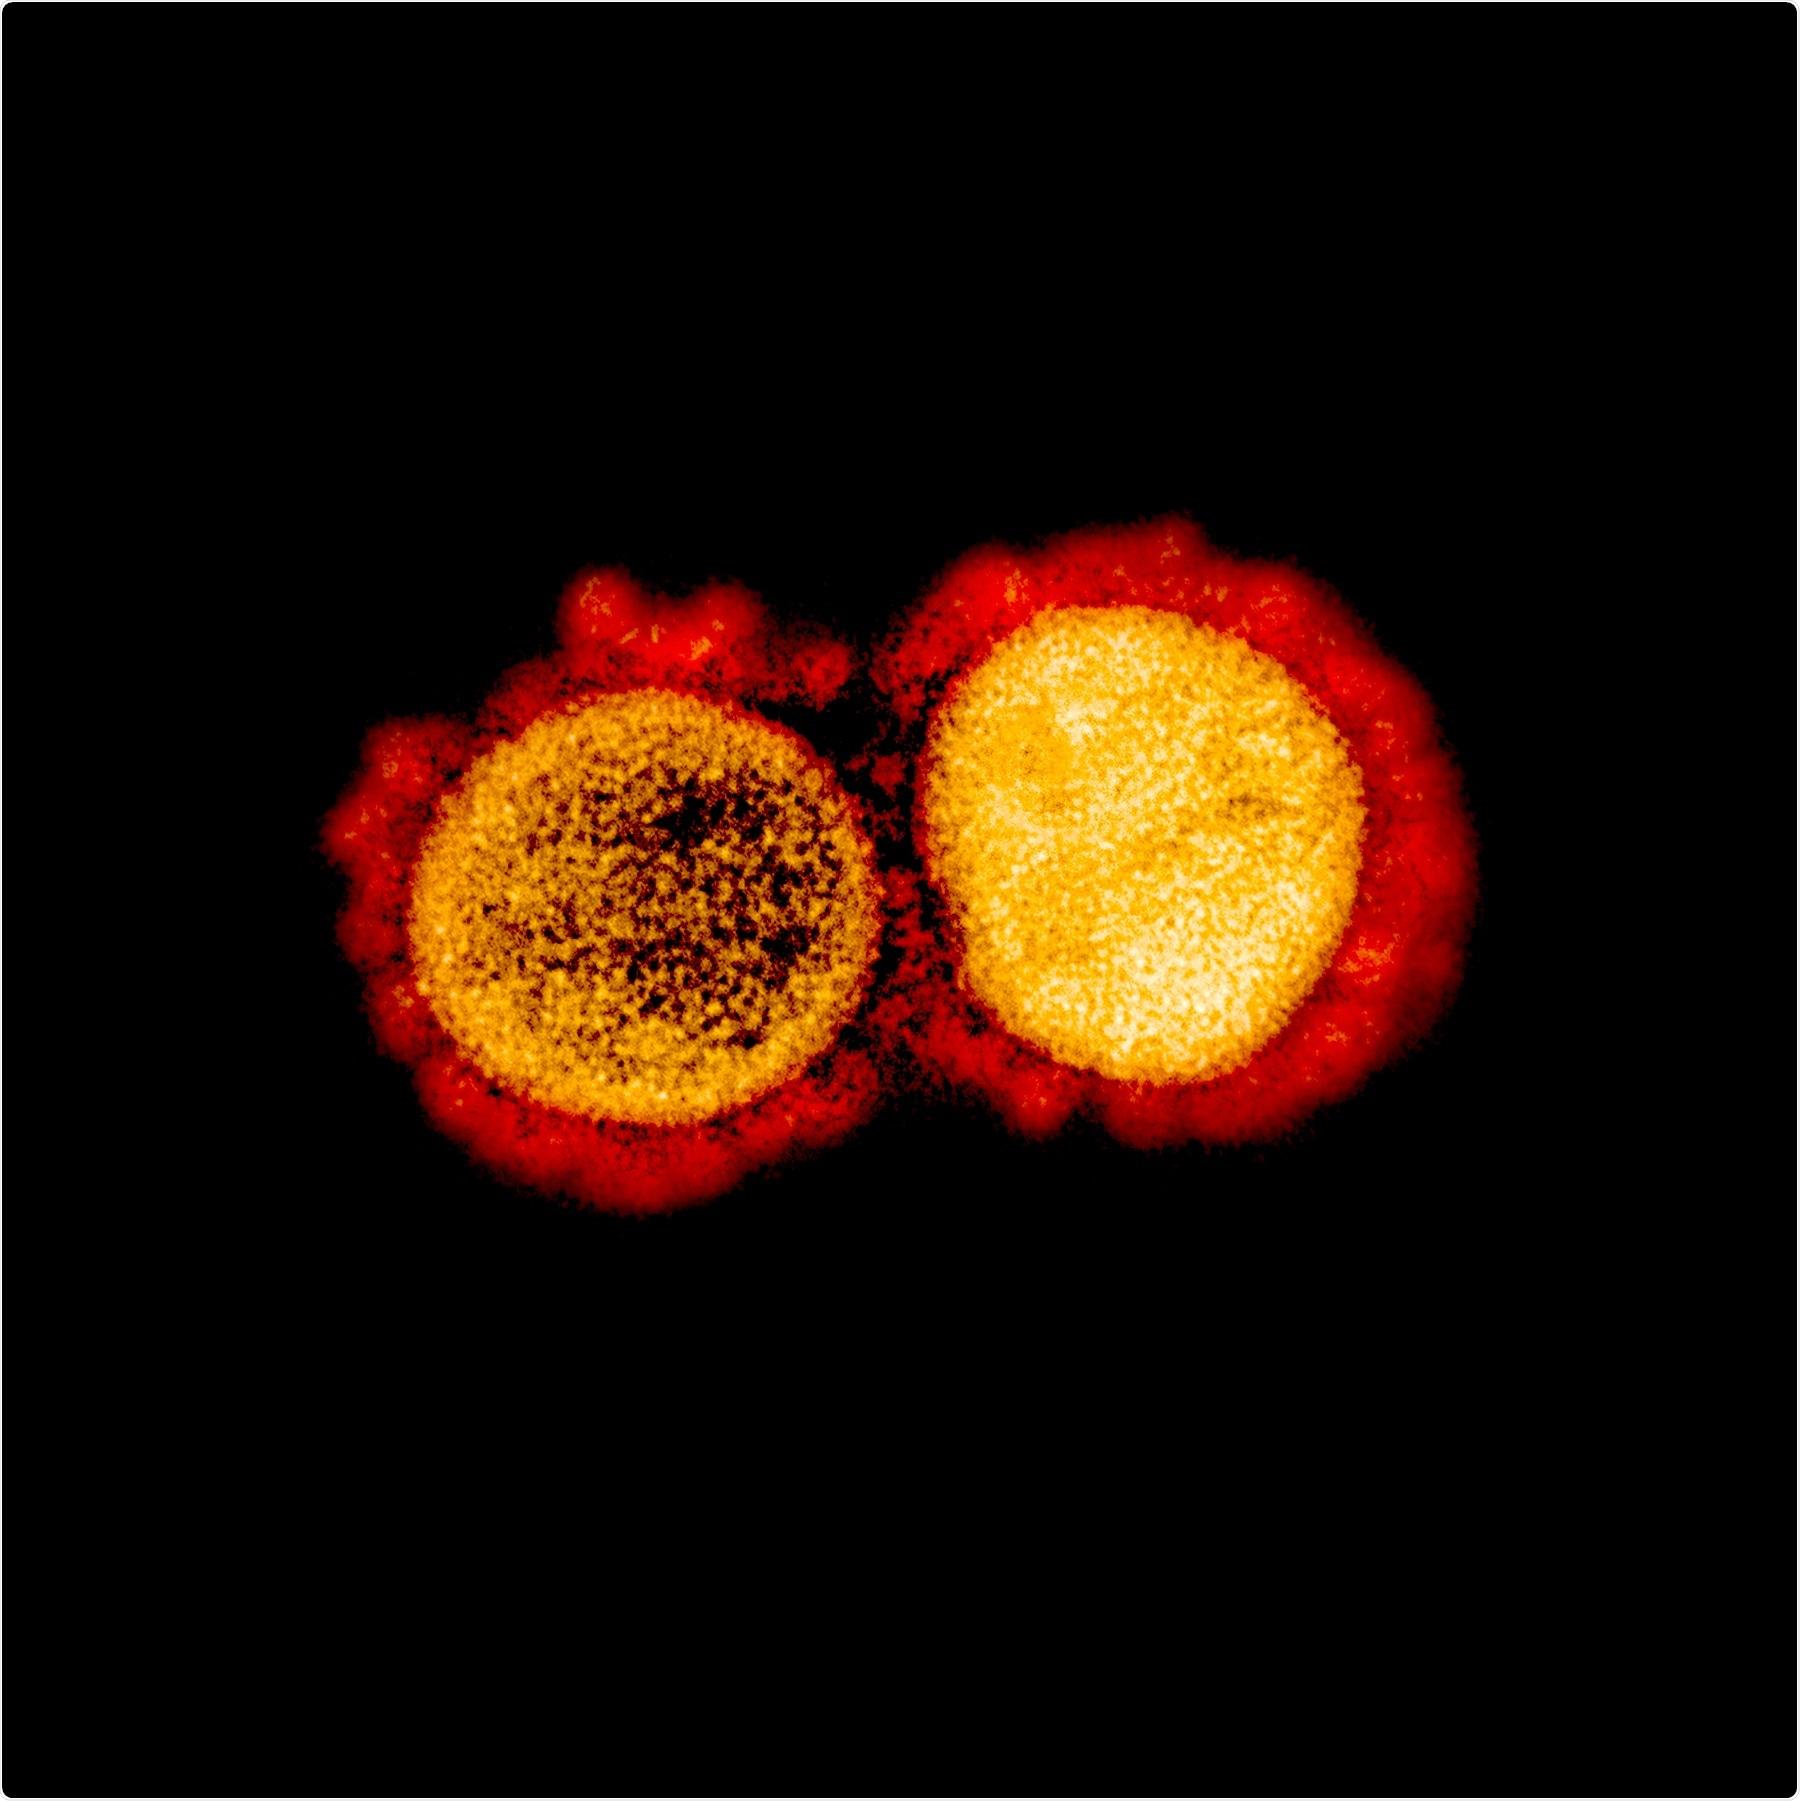 Micrografo elettronico novello della trasmissione di Coronavirus SARS-CoV-2 delle particelle del virus SARS-CoV-2, isolato da un paziente. L